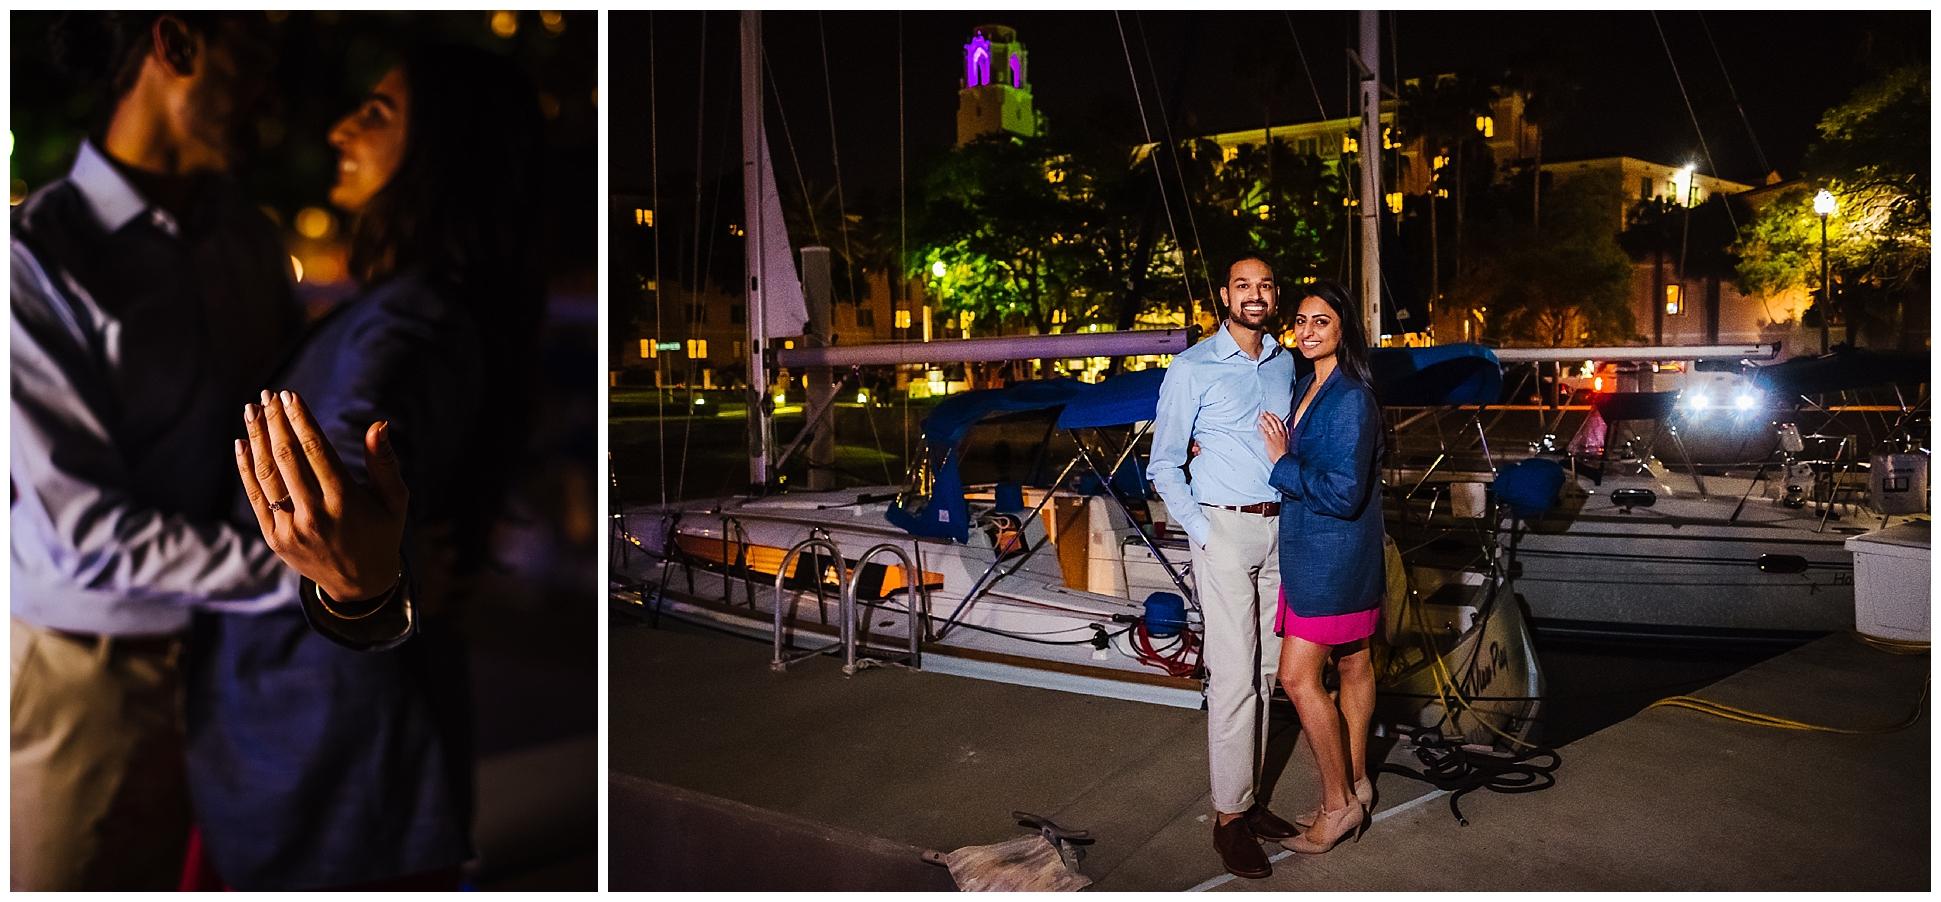 tampa bay-sailboat-sunset-proposal-engagememnt_0031.jpg